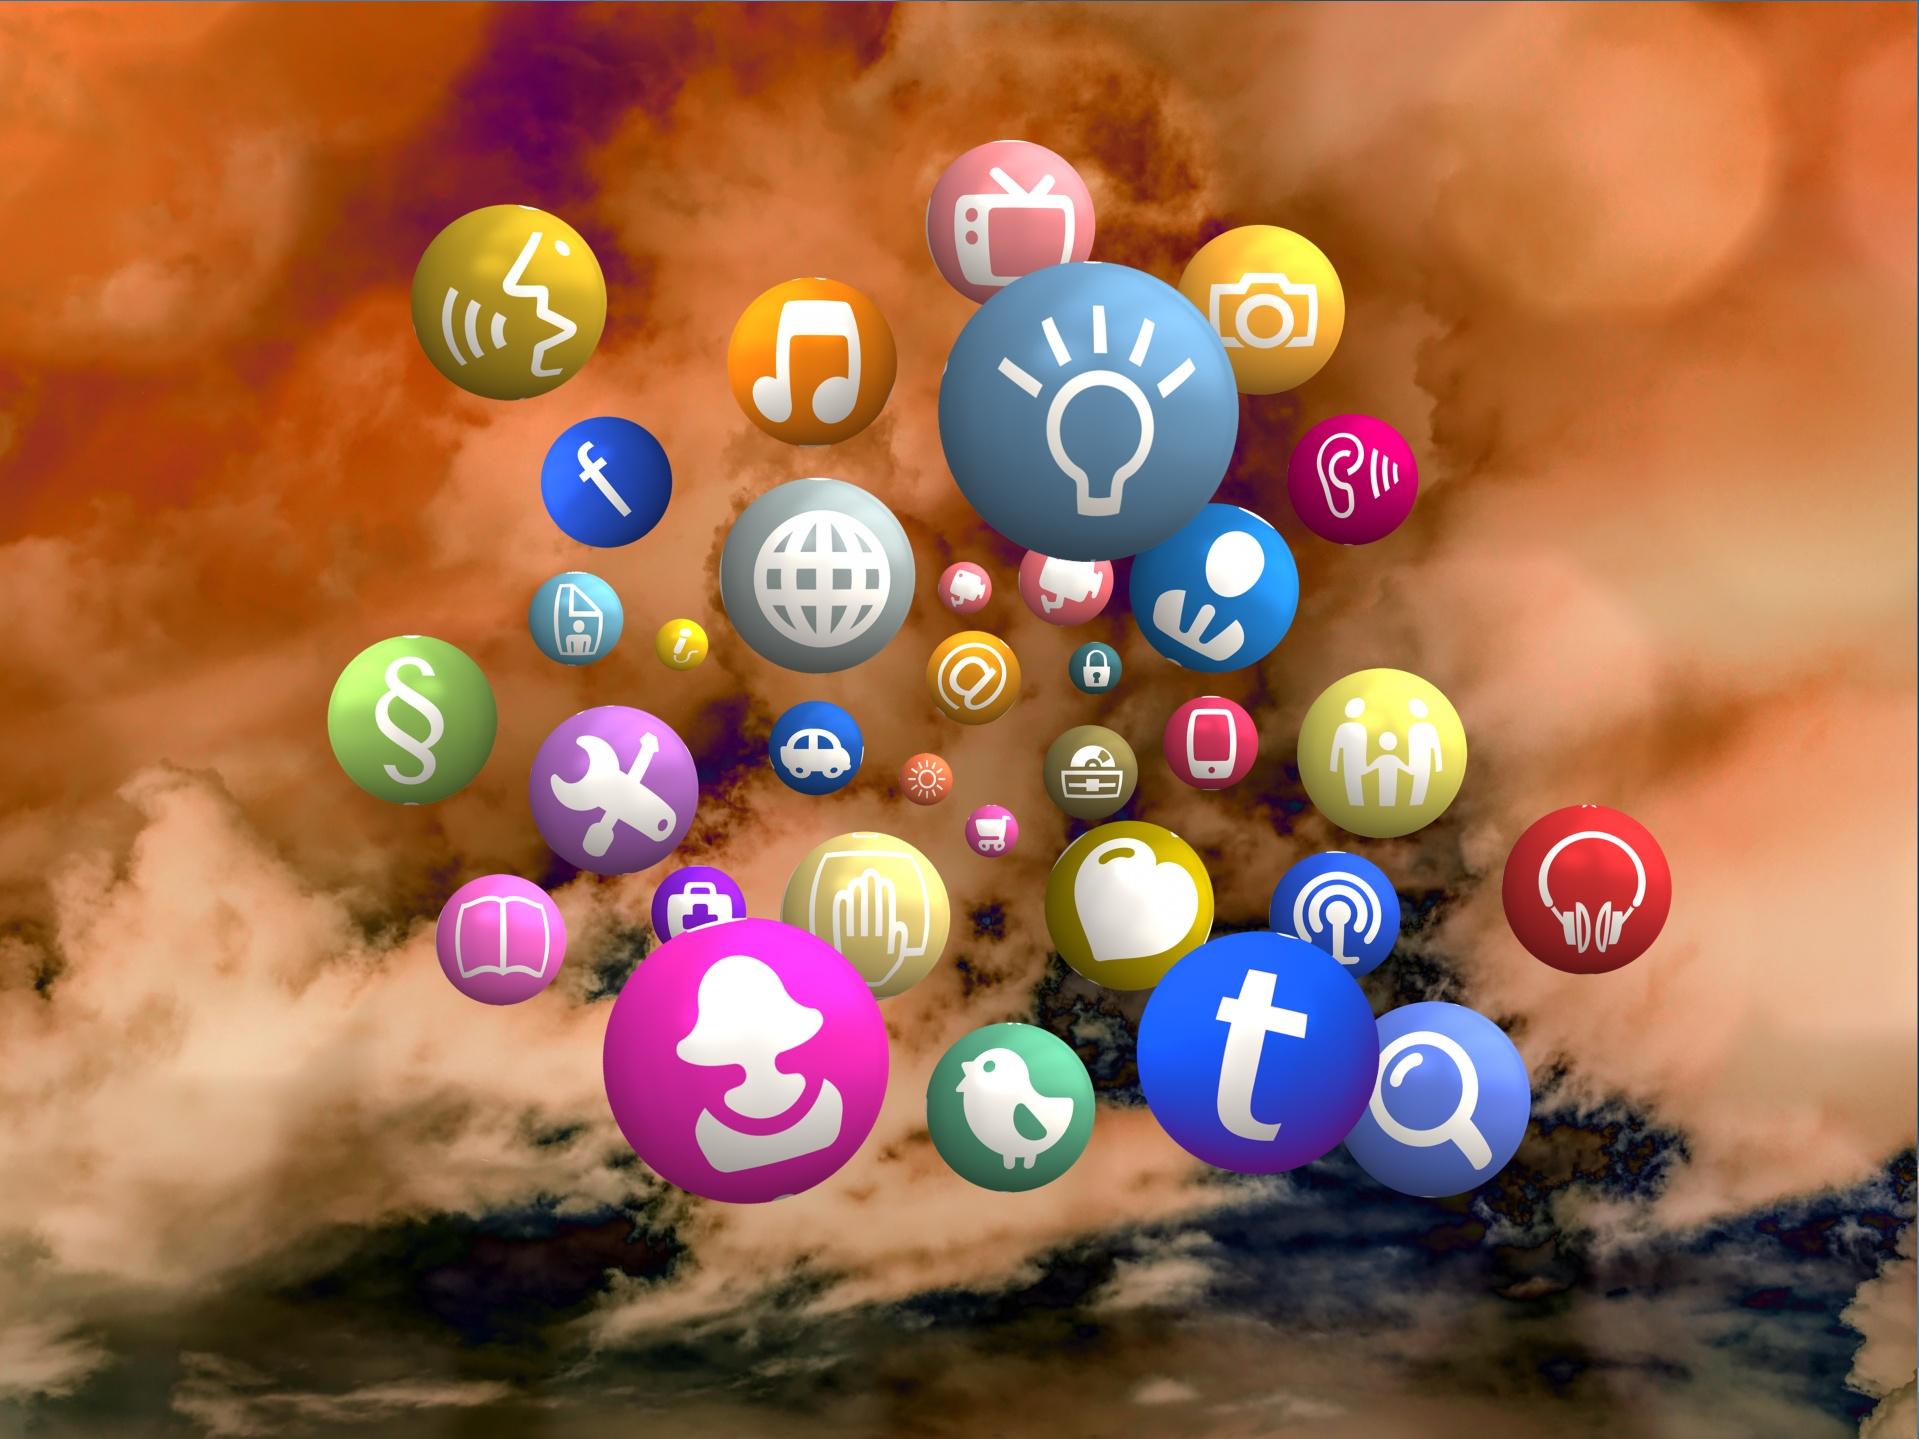 social-media-thunderstorm